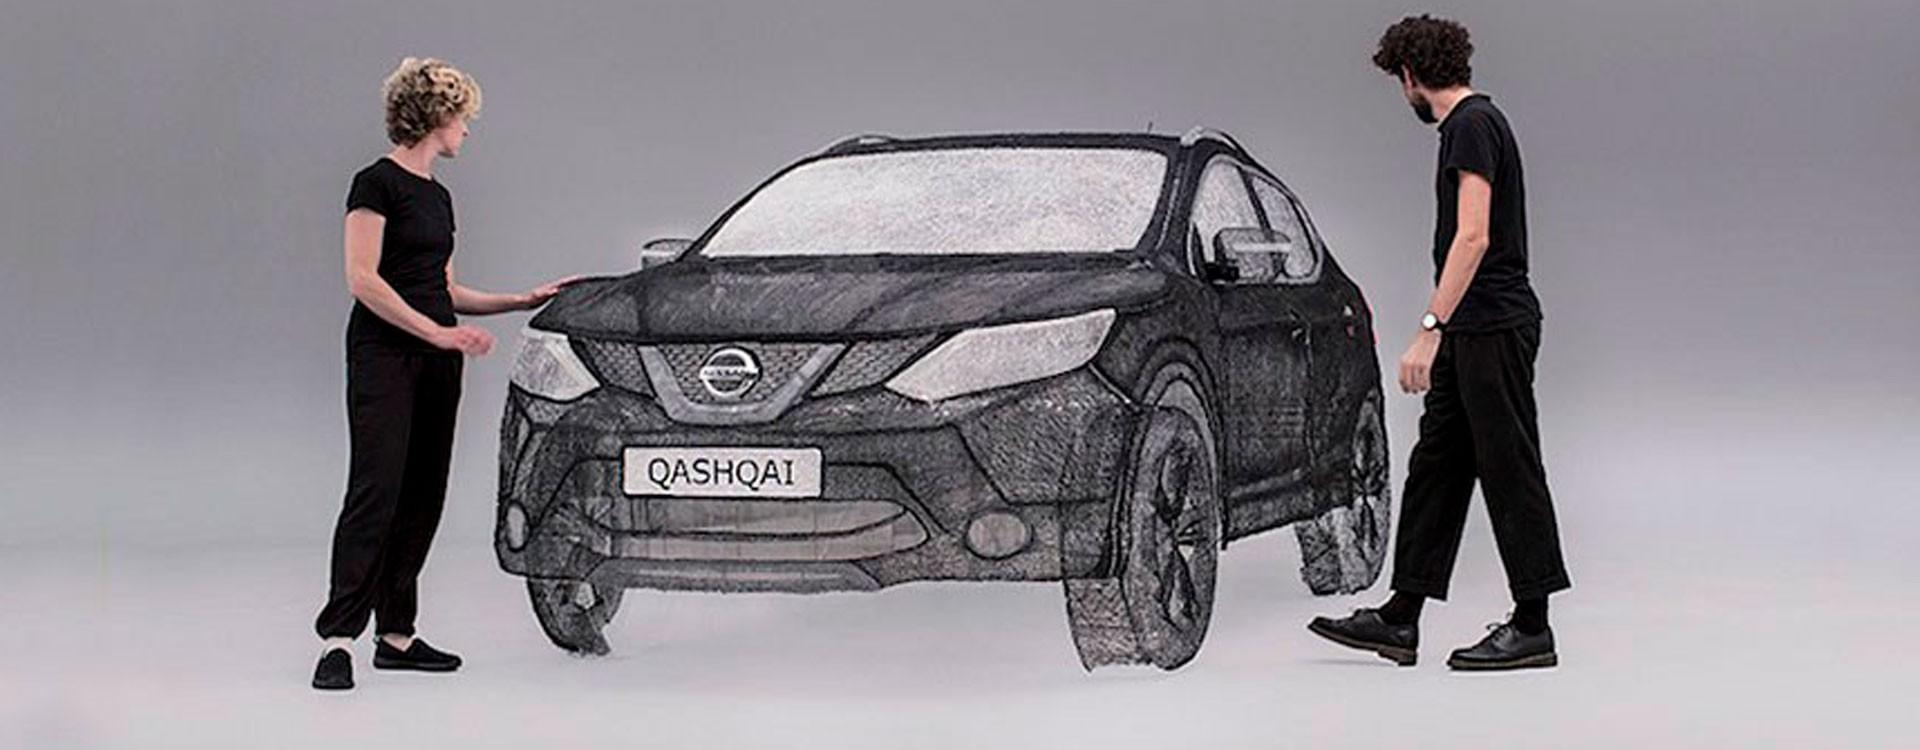 Nissan Qashqai - крупнейшая в мире скульптура 3D ручкой